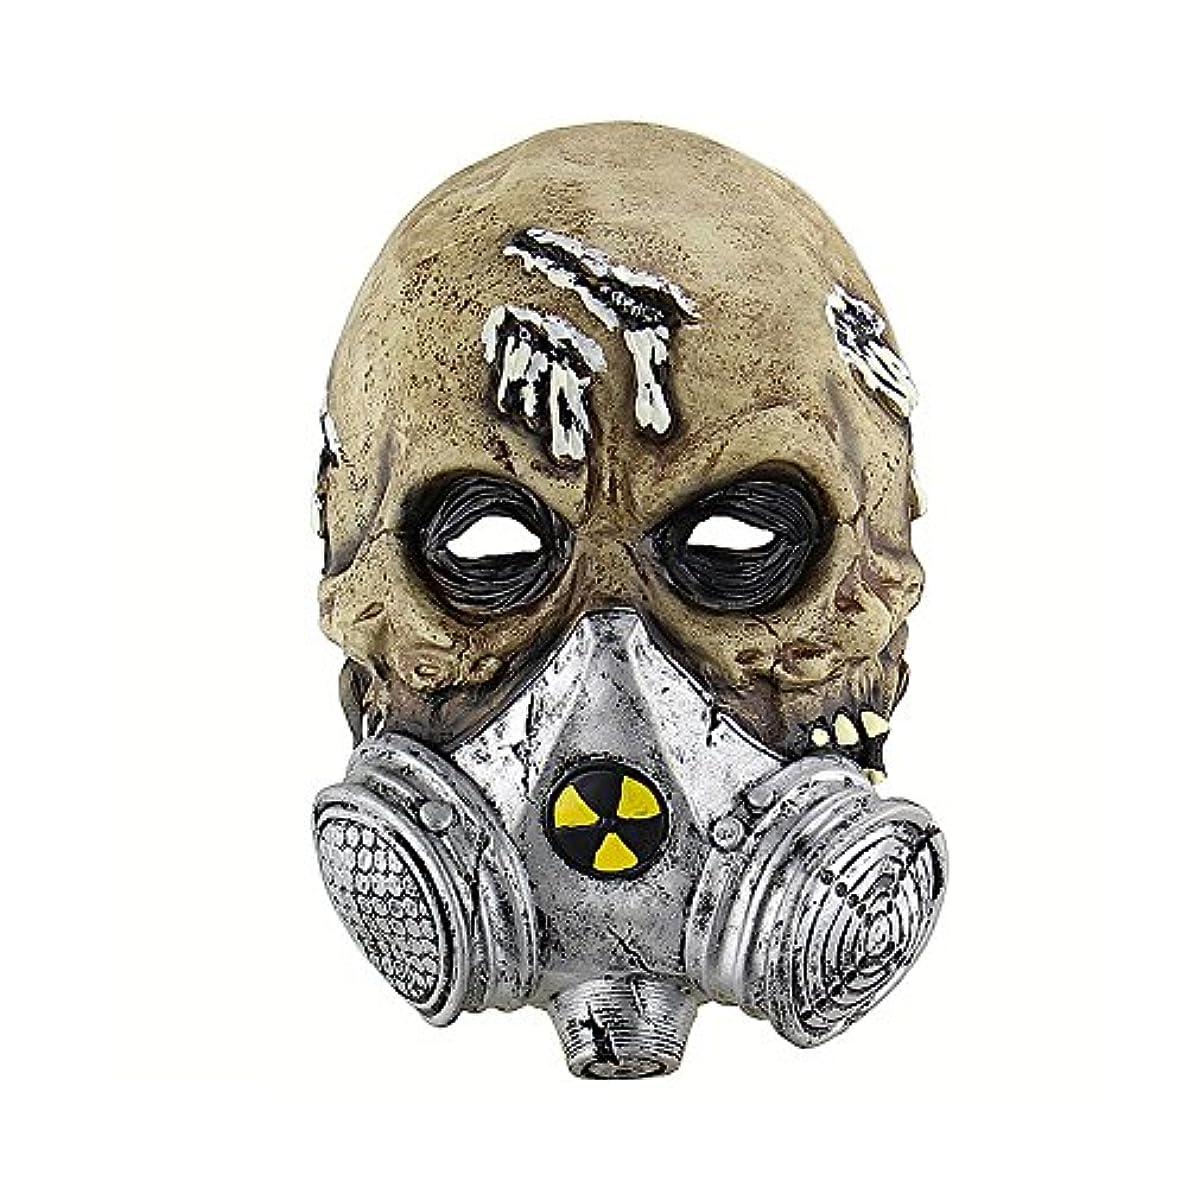 レンジ副カプセルハロウィンホラー生化学ガスマスクマスクセットラテックスマスク